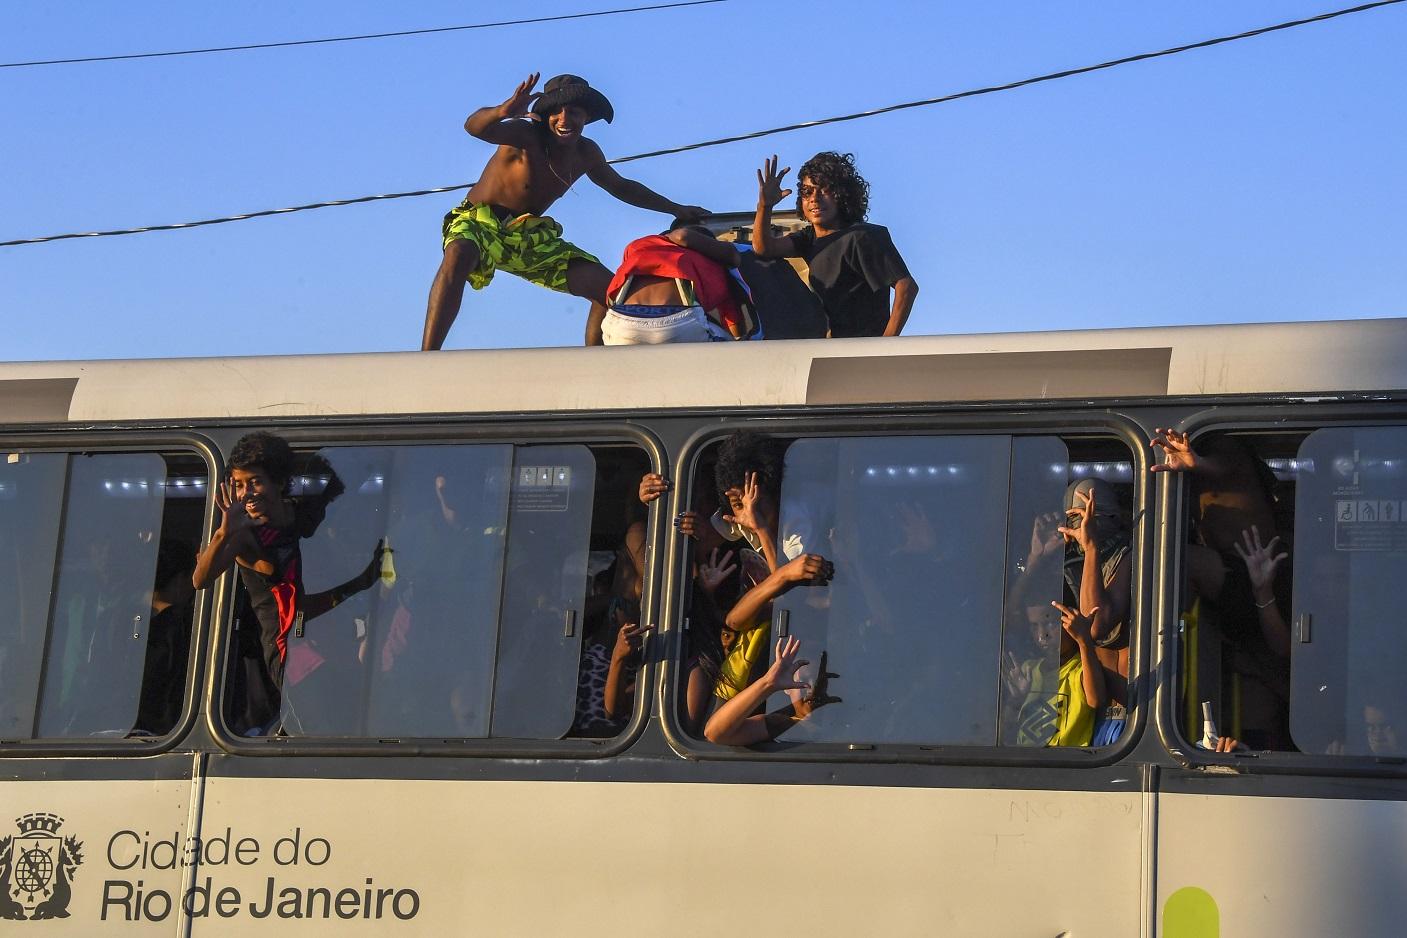 Os surfistas rodoviários do Rio, correndo risco na Avenida Brasil. Foto Apu Gomes/AFP